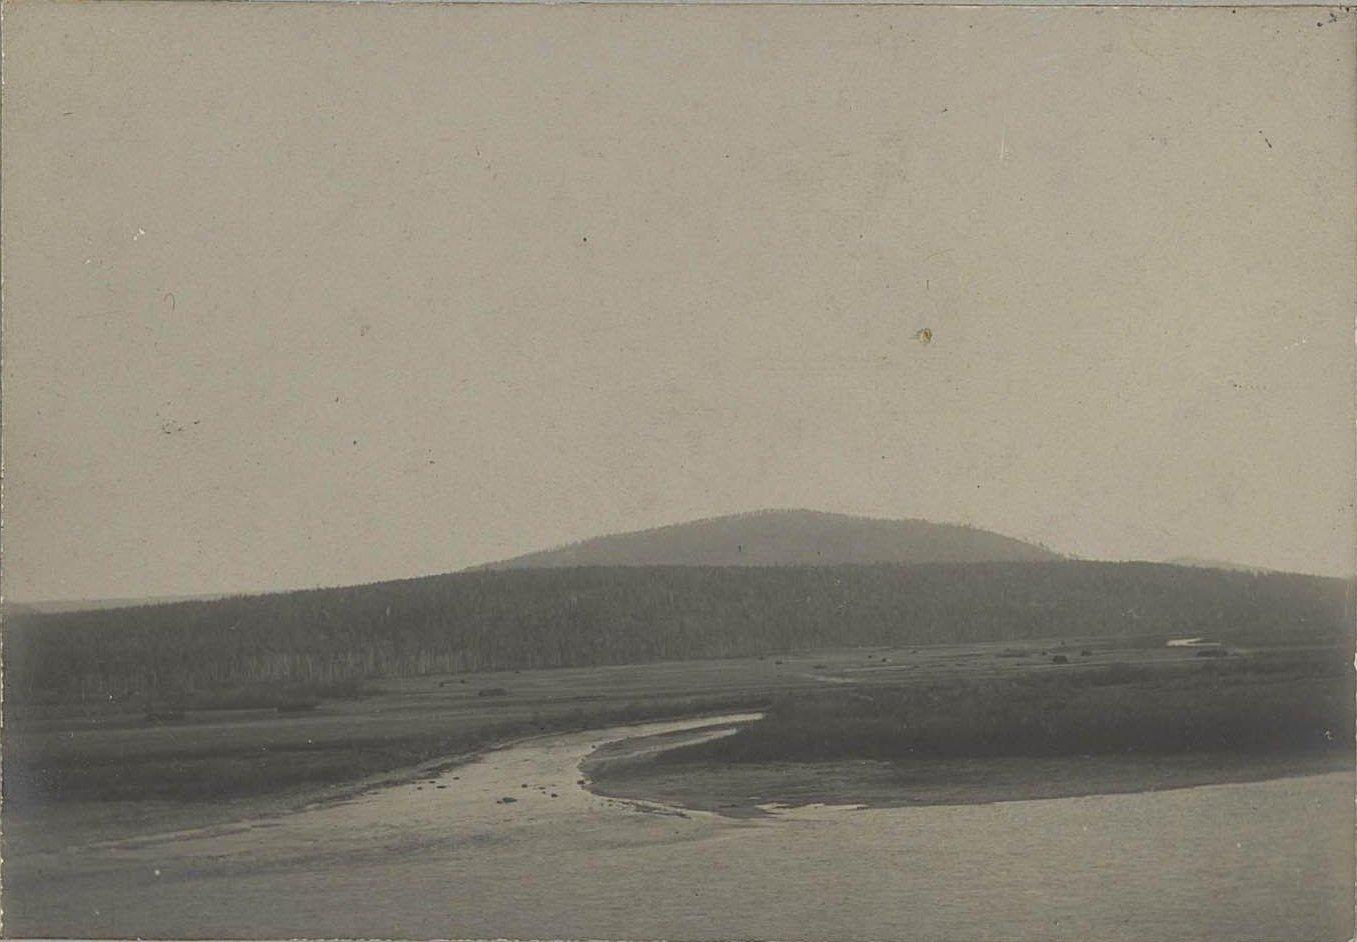 Устье реки Язовки на реке Аргуни